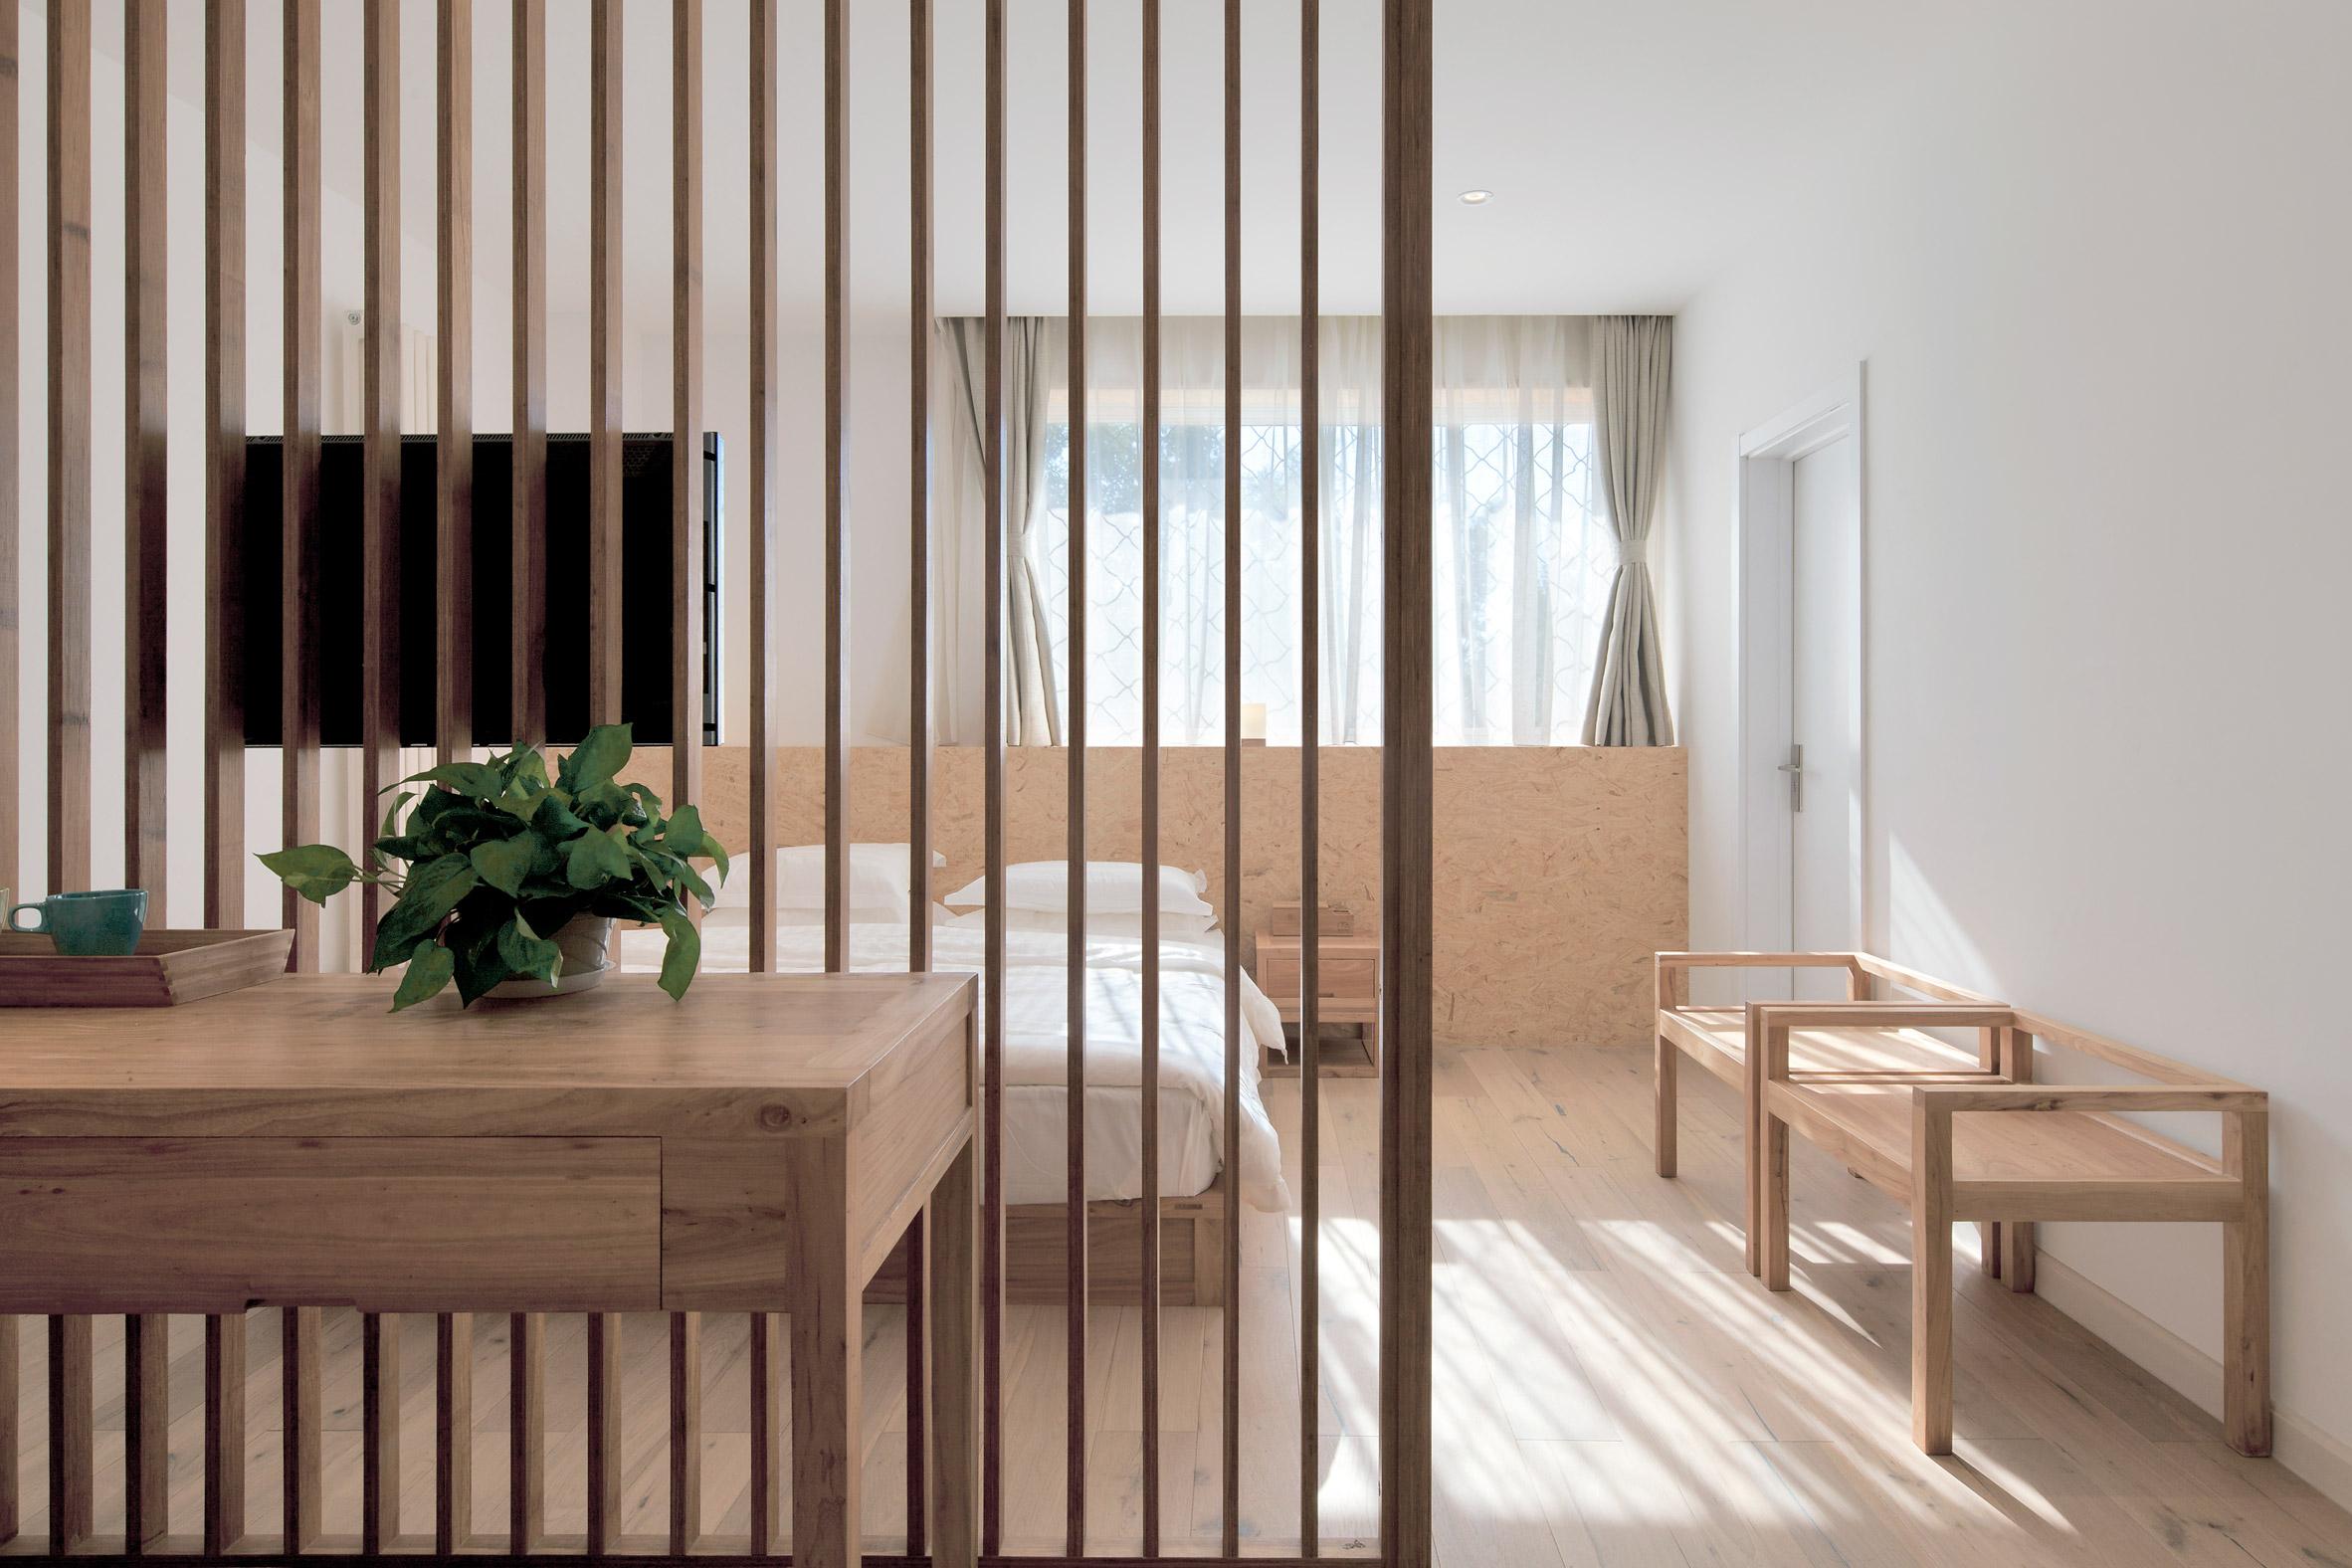 XinXianInn Hotel by Penda